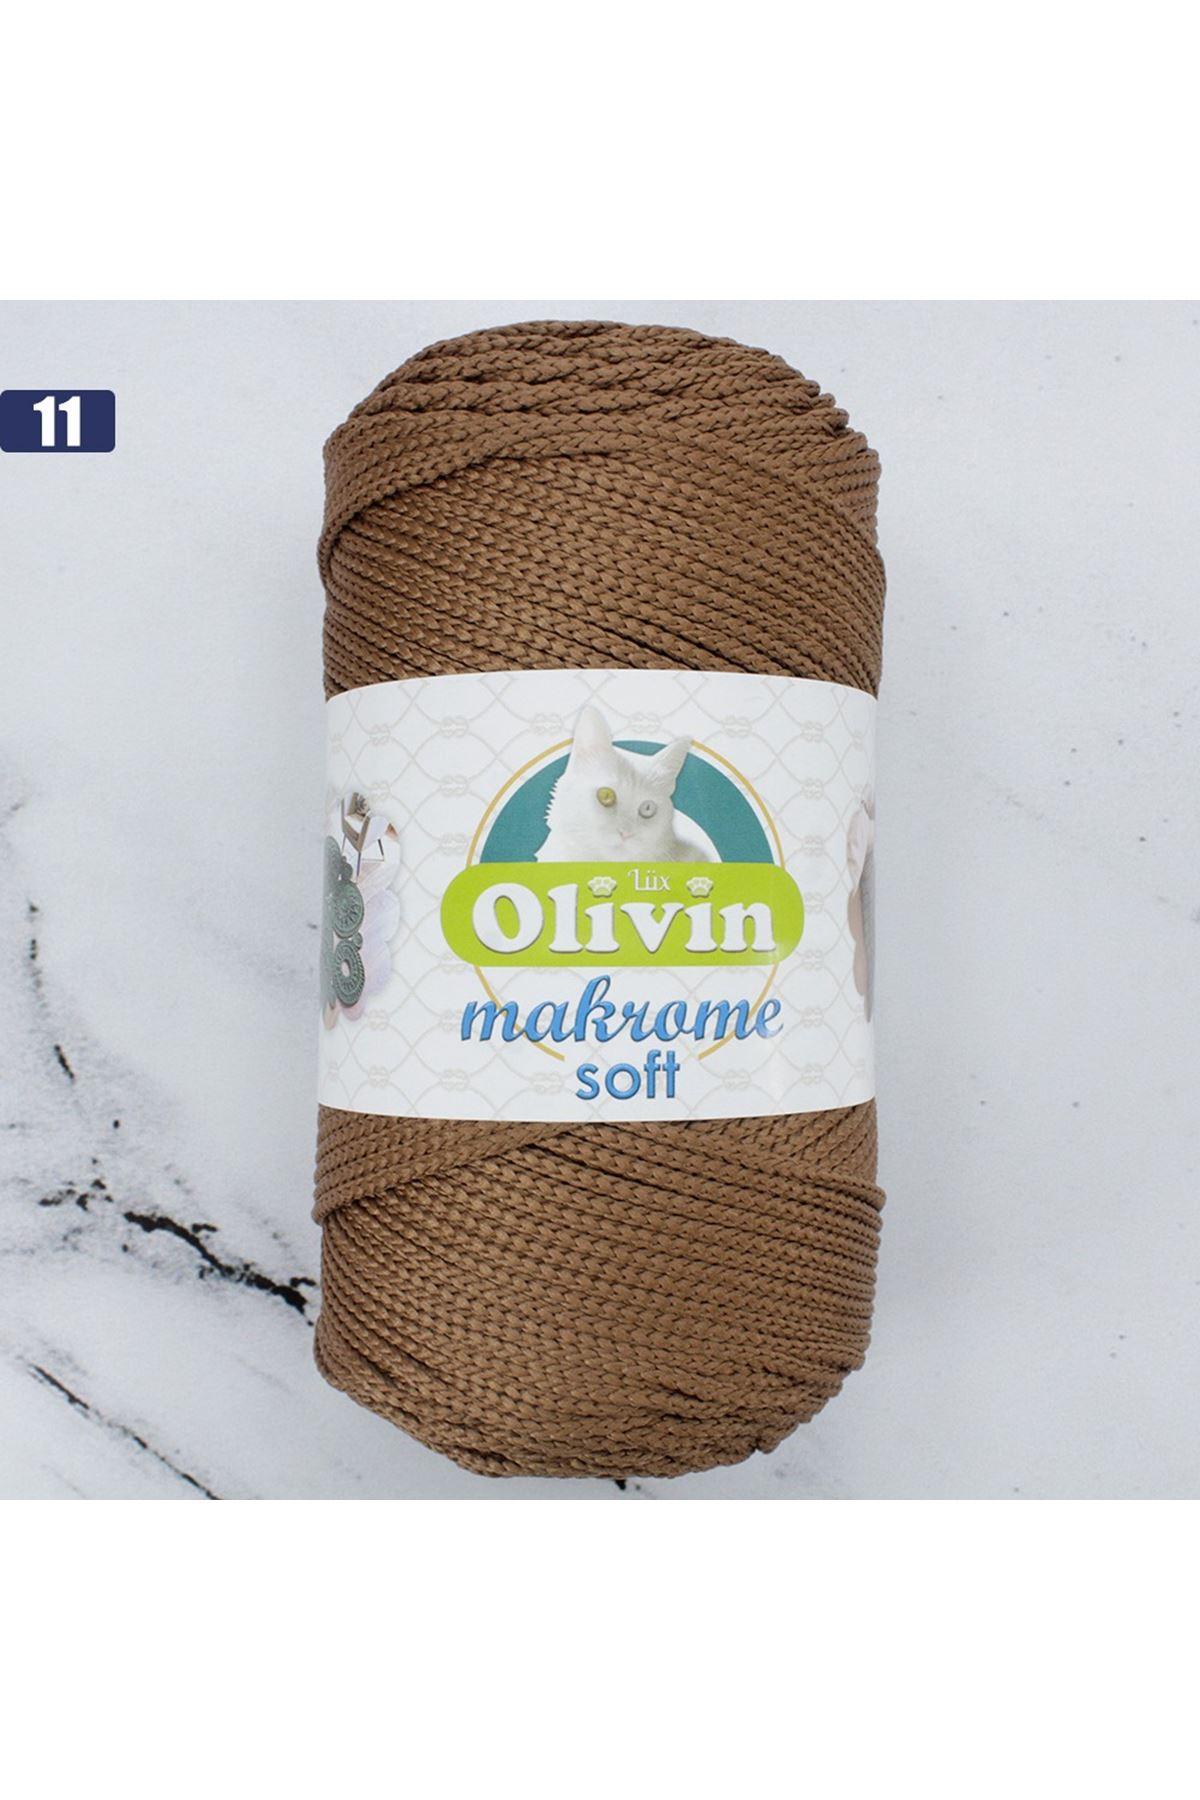 Olivin Makrome Soft 11